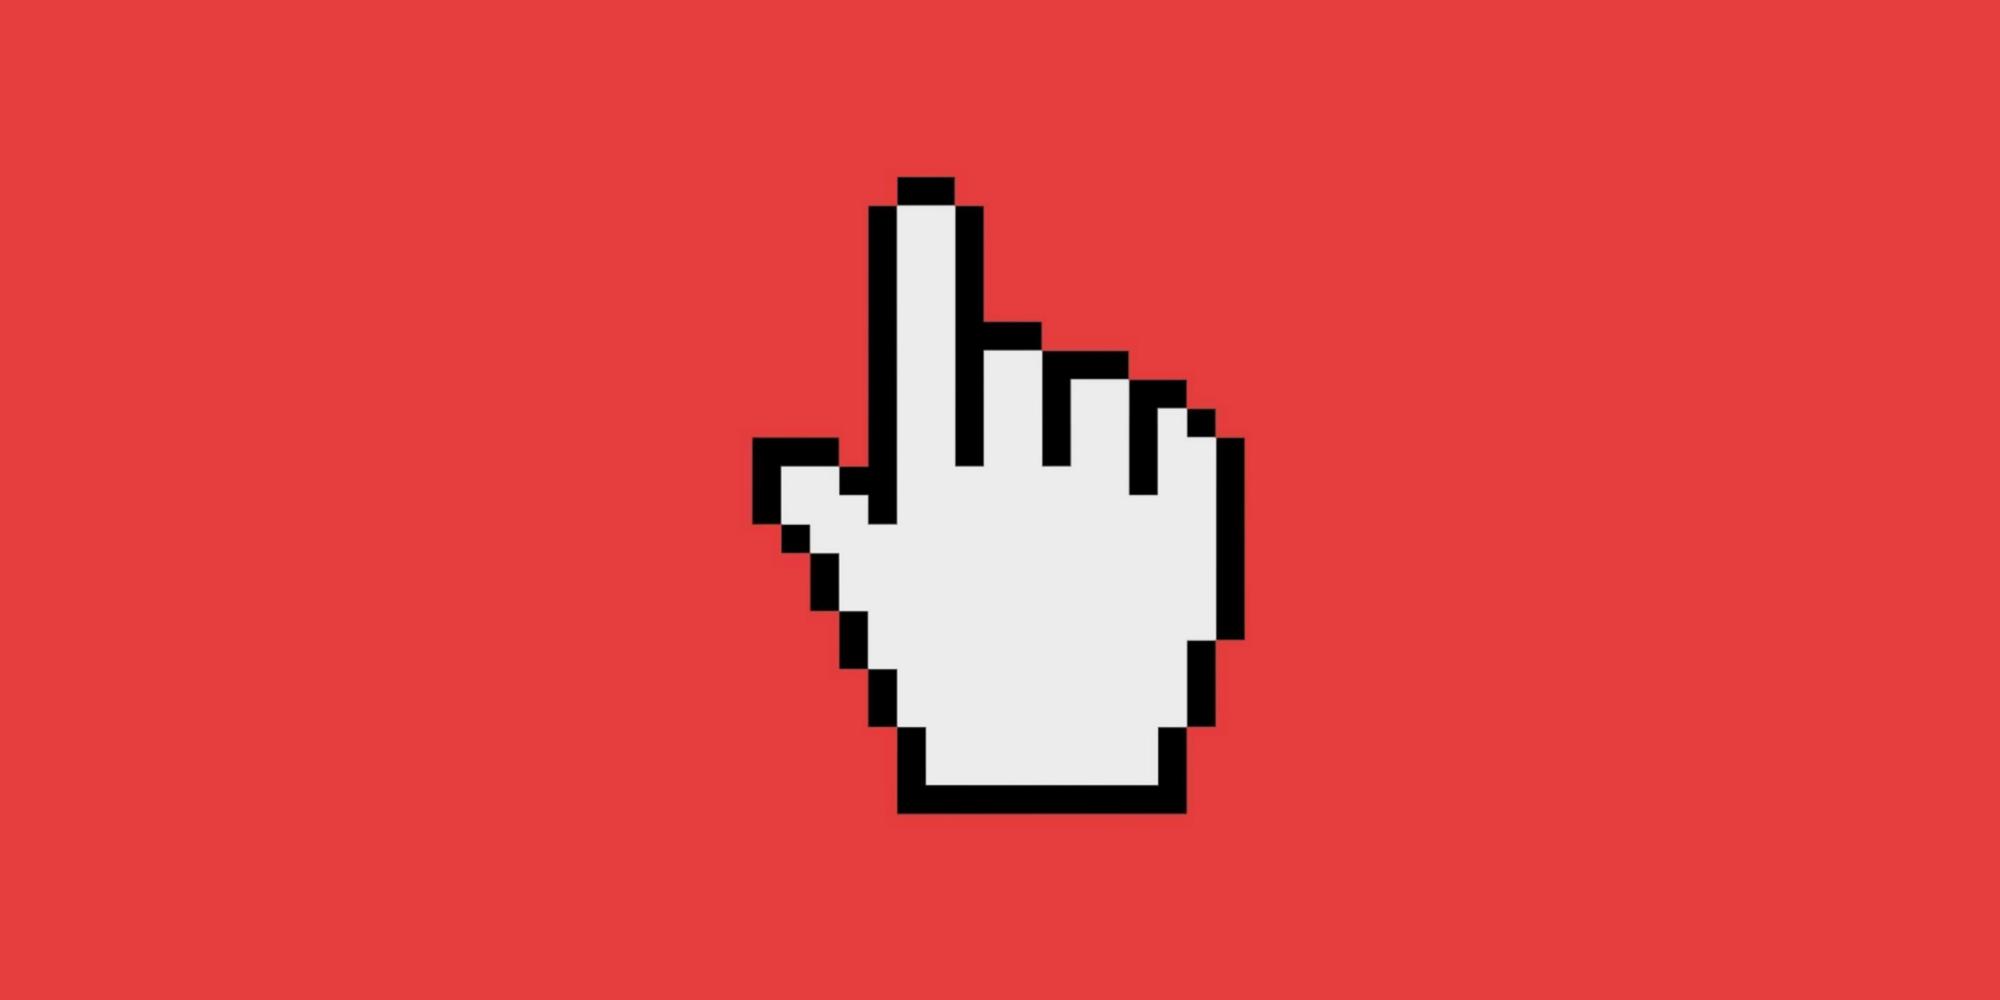 [Conversão] Aumente o tamanho dos botões de ação para gerar mais conversão nas CTAs